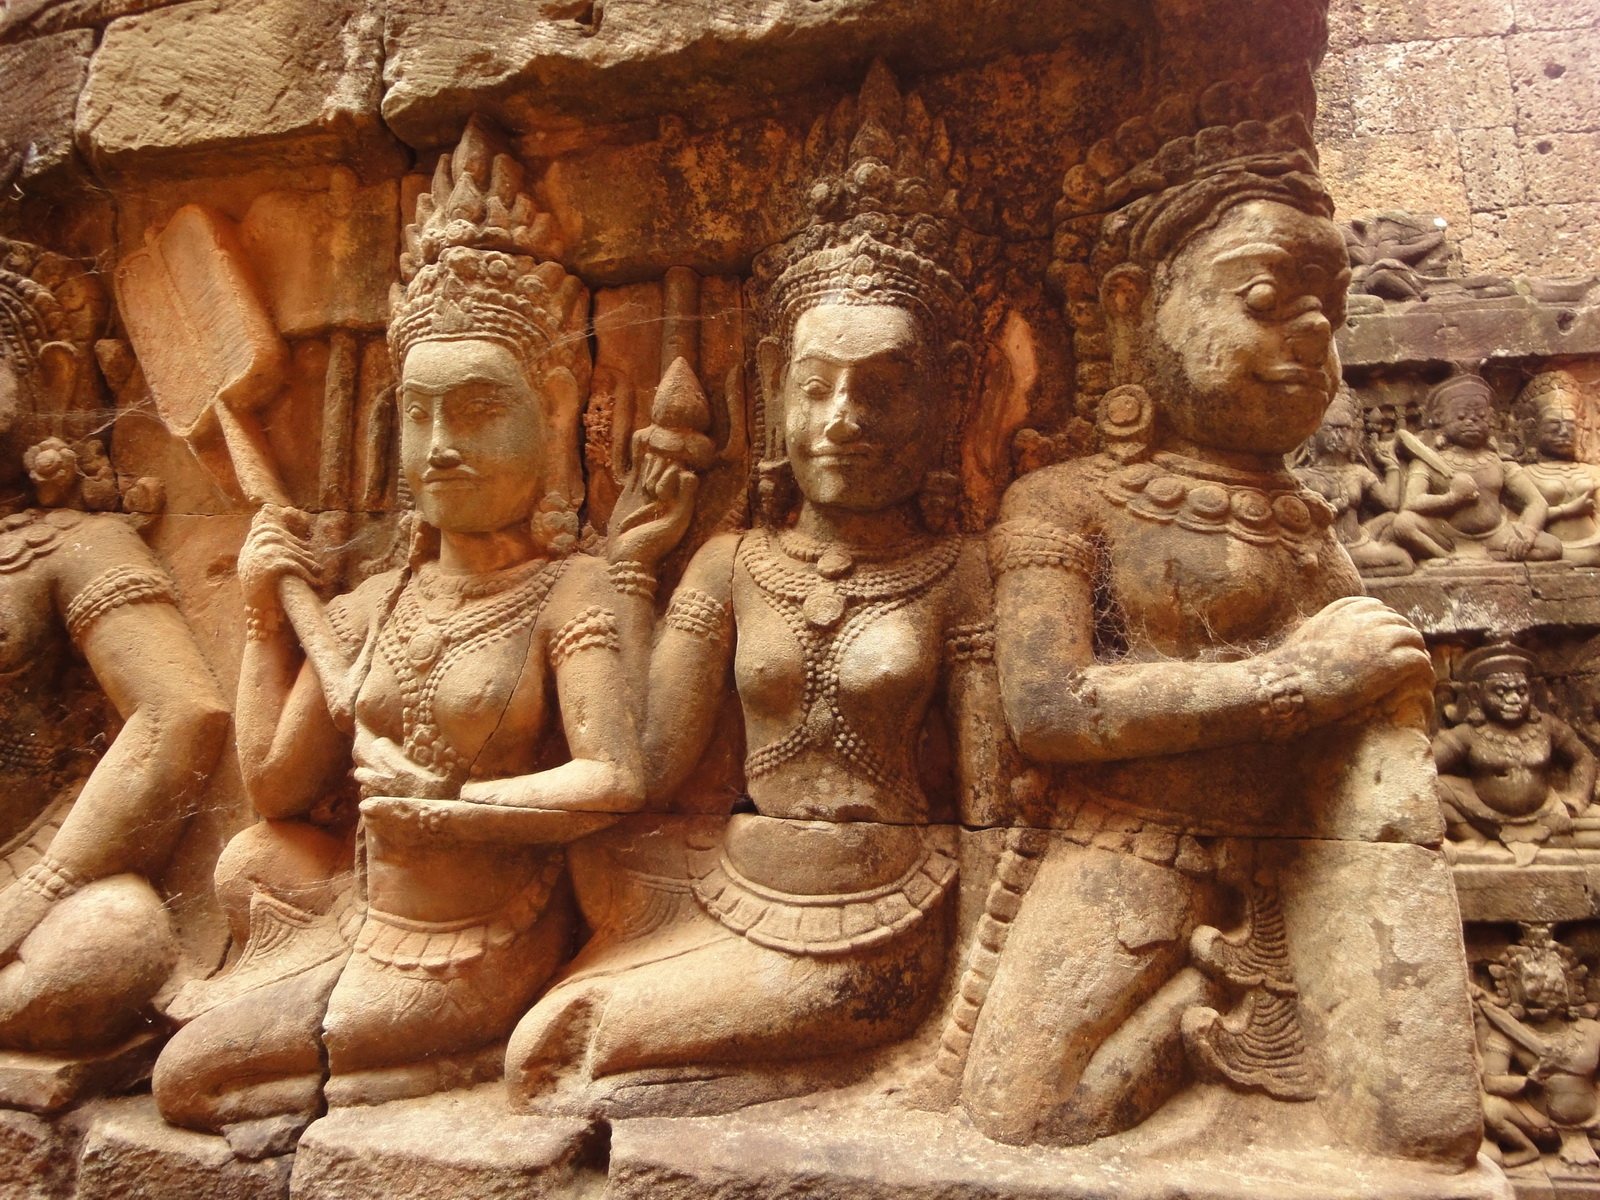 Leper King Terrace hidden wall underworld Nagas and deities 071